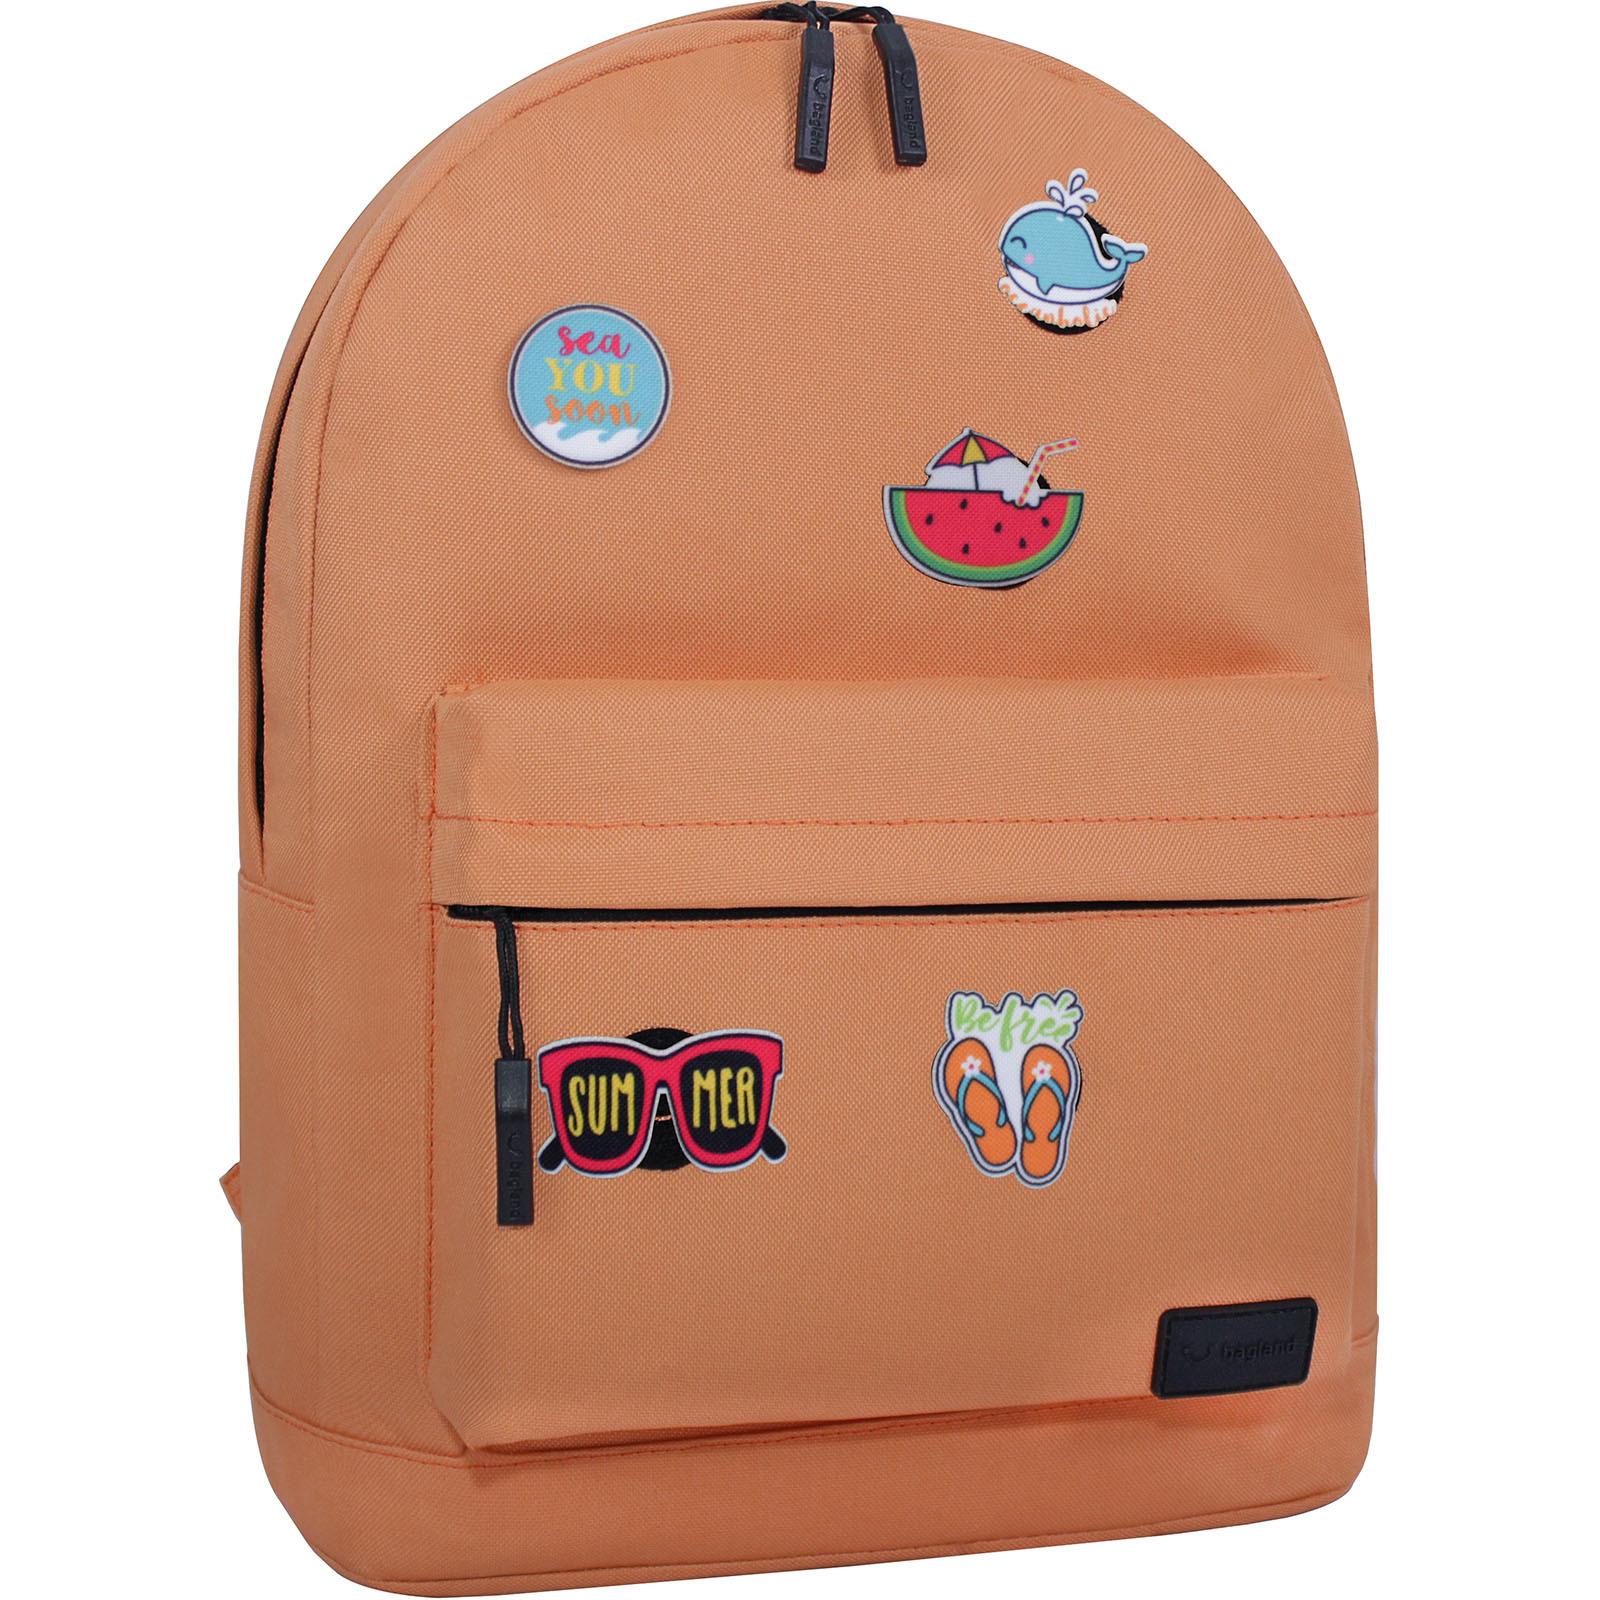 Молодежные рюкзаки Рюкзак Bagland Молодежный W/R 17 л. 281 Рыжий (00533662 Ш) IMG_3091.JPG